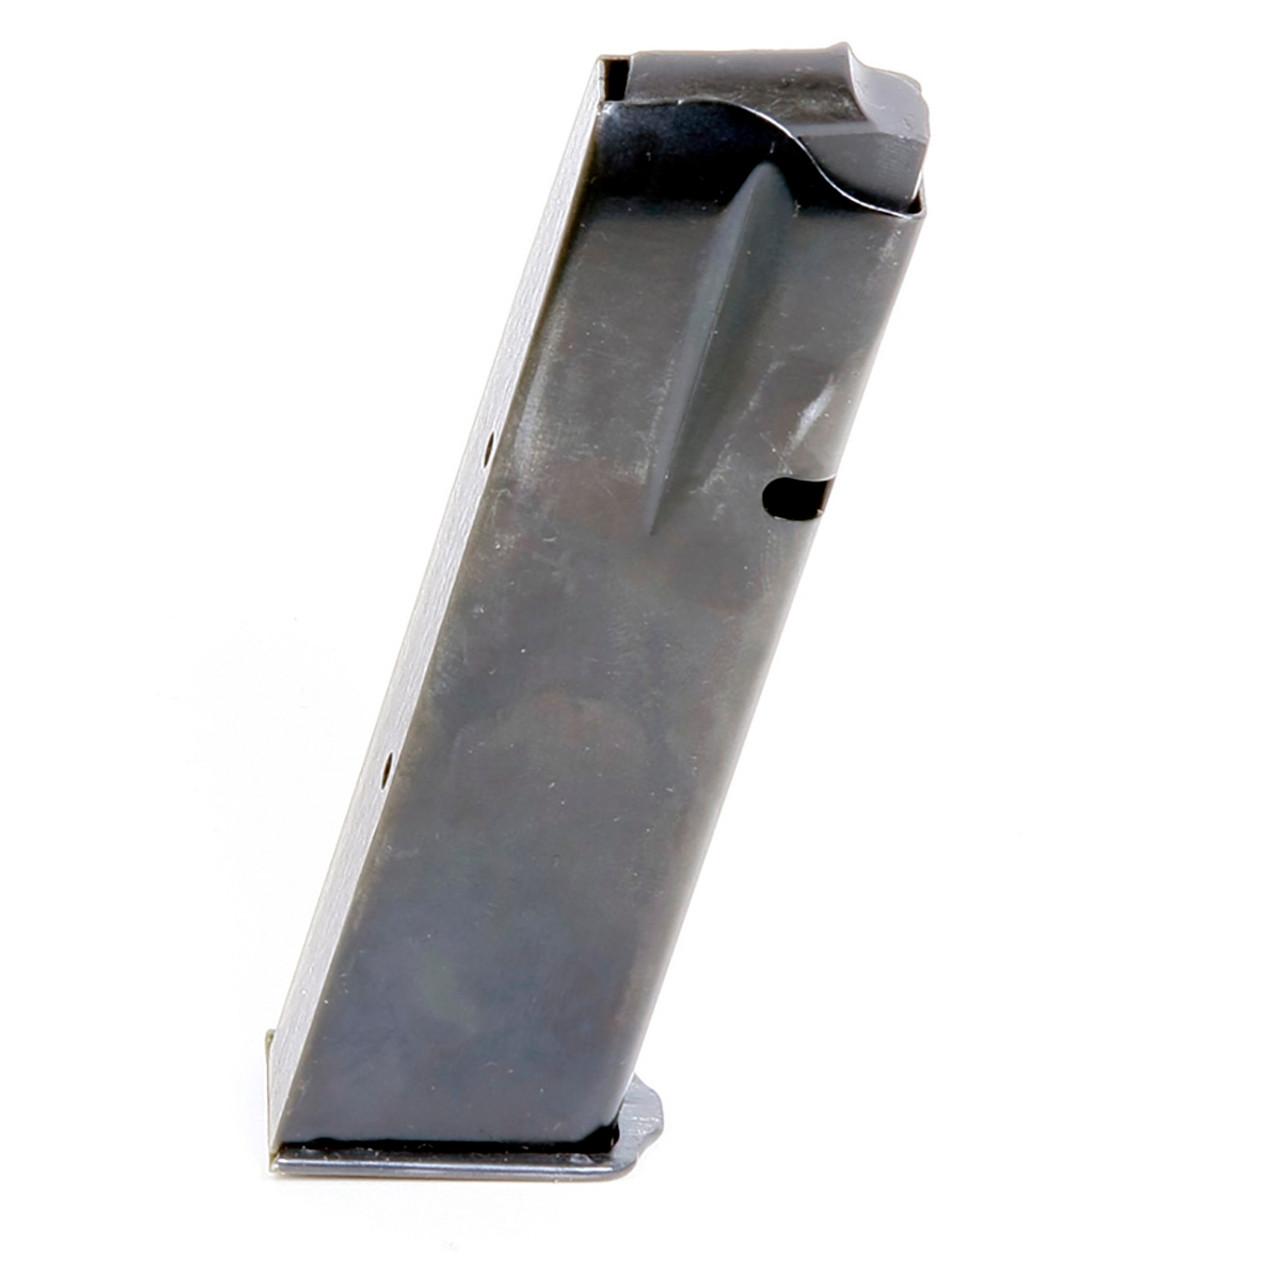 Browning® Hi-Power 9mm (13) Rd - Blue Steel